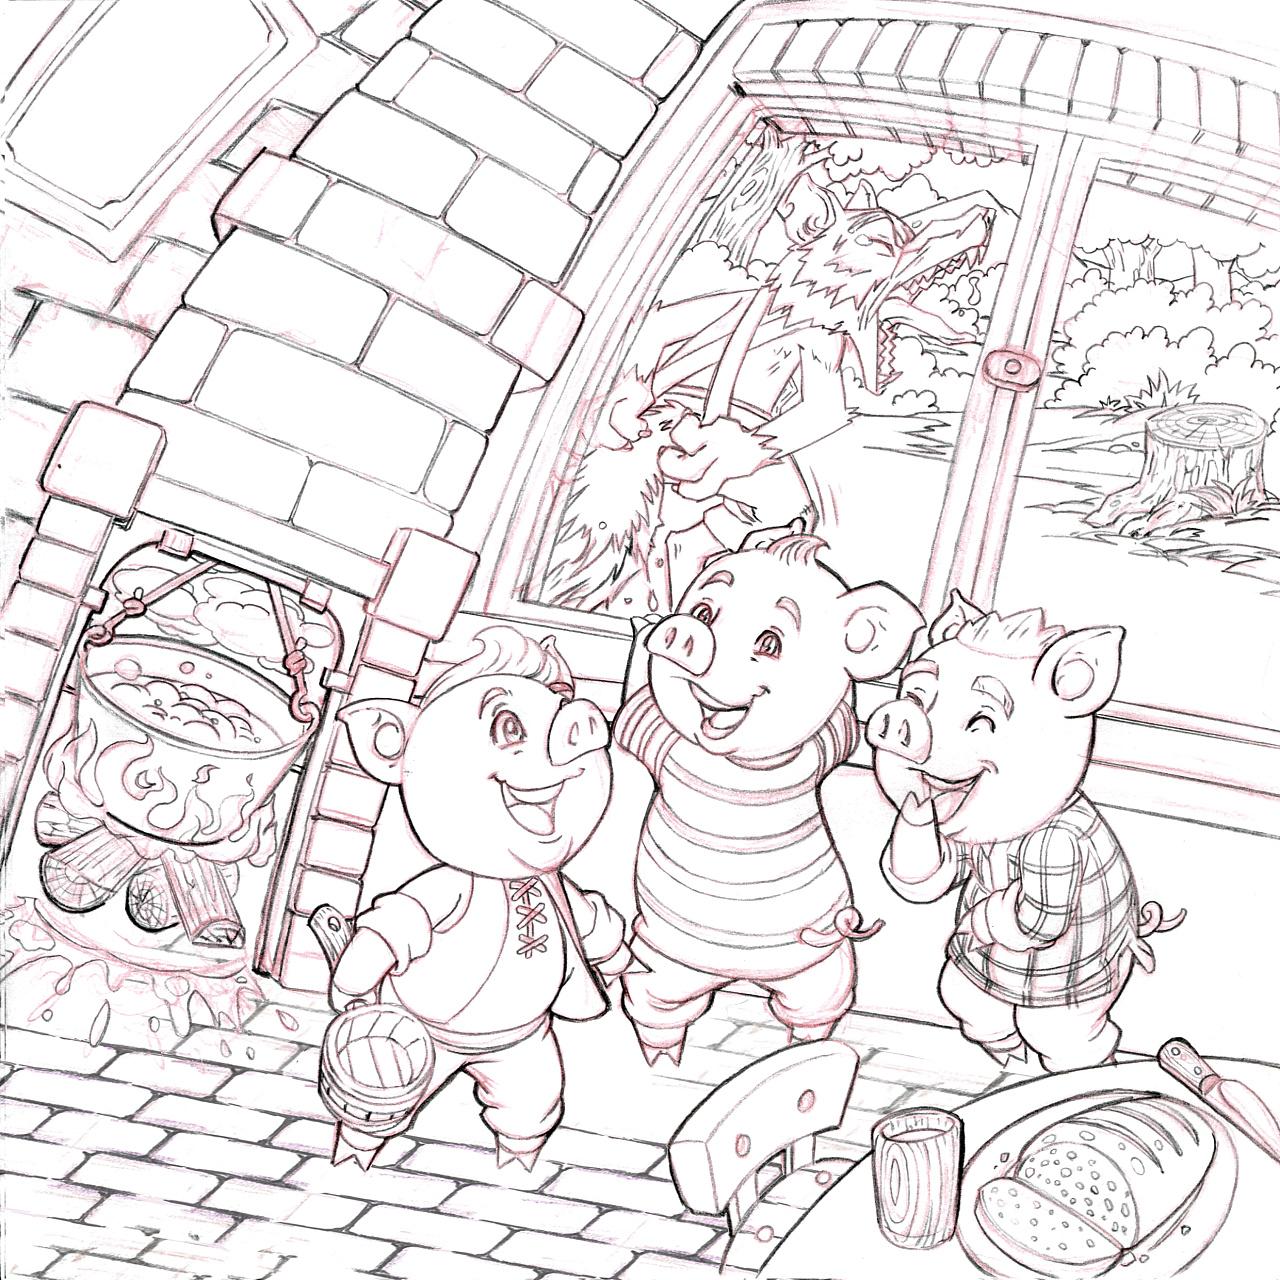 出口的拼图产品-童话插画《三只小猪》草稿图片